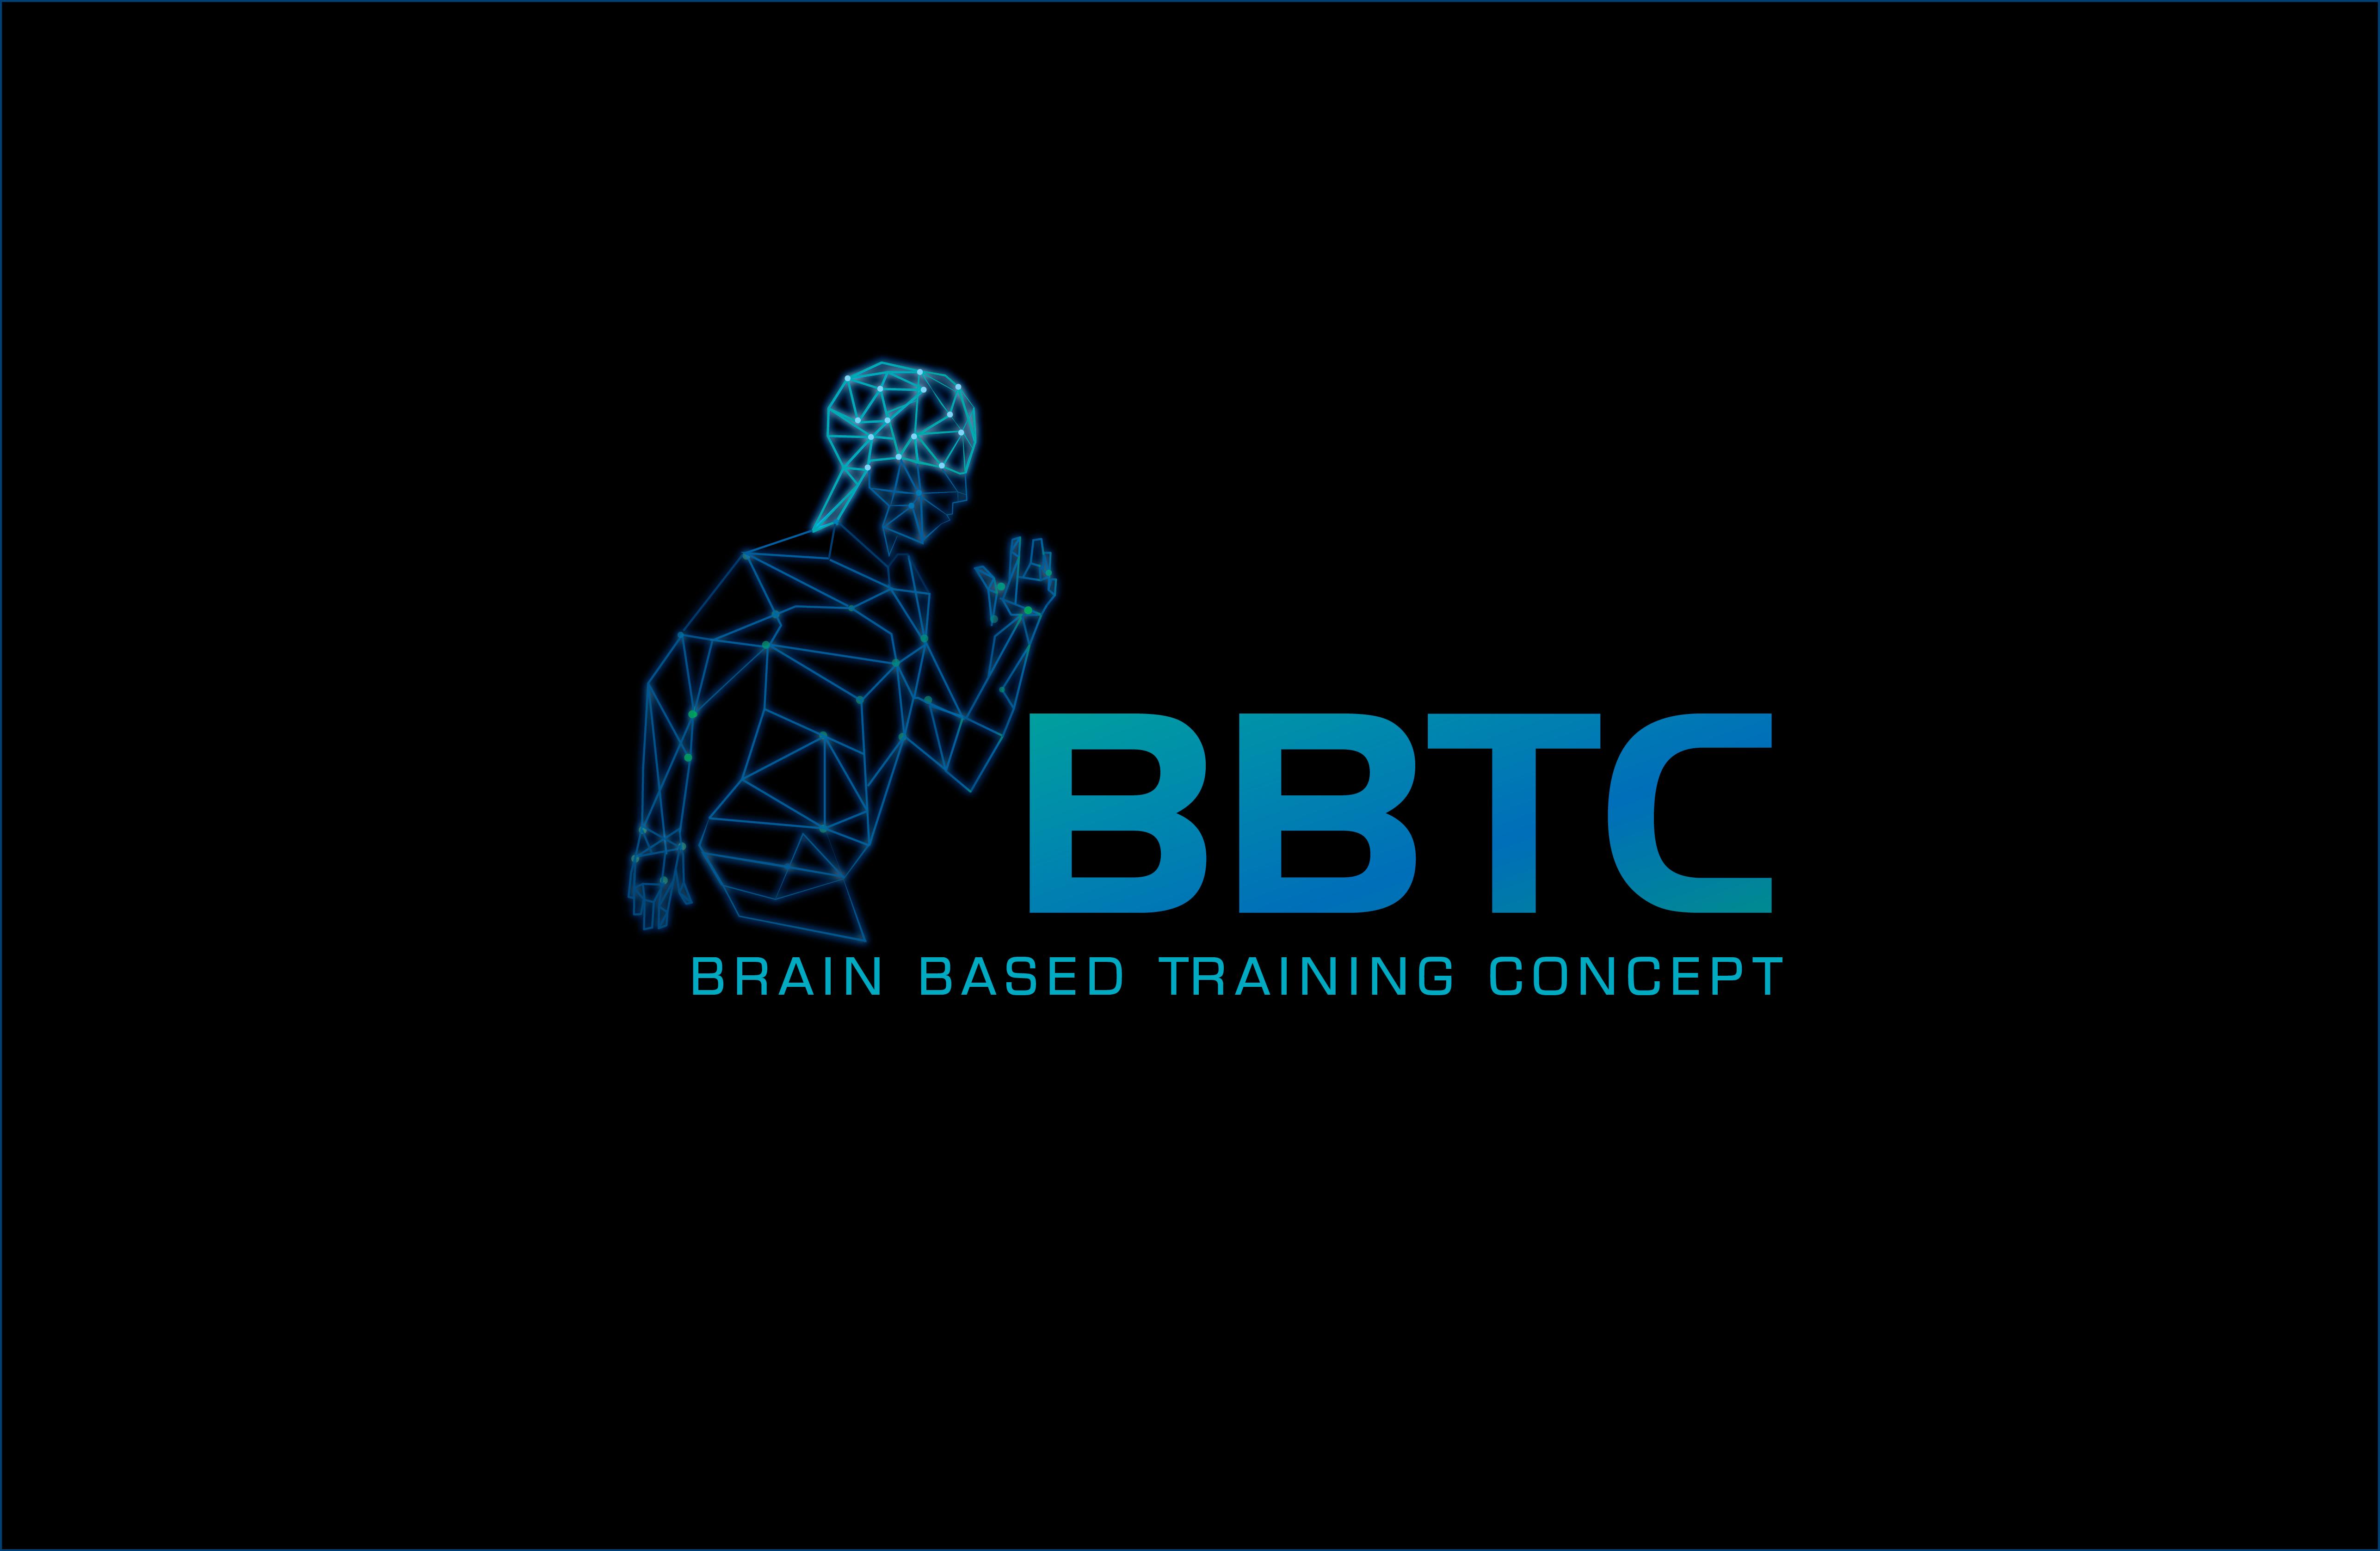 Erstelle ein aussagekräftiges Logo für Gehirn basiertes Training